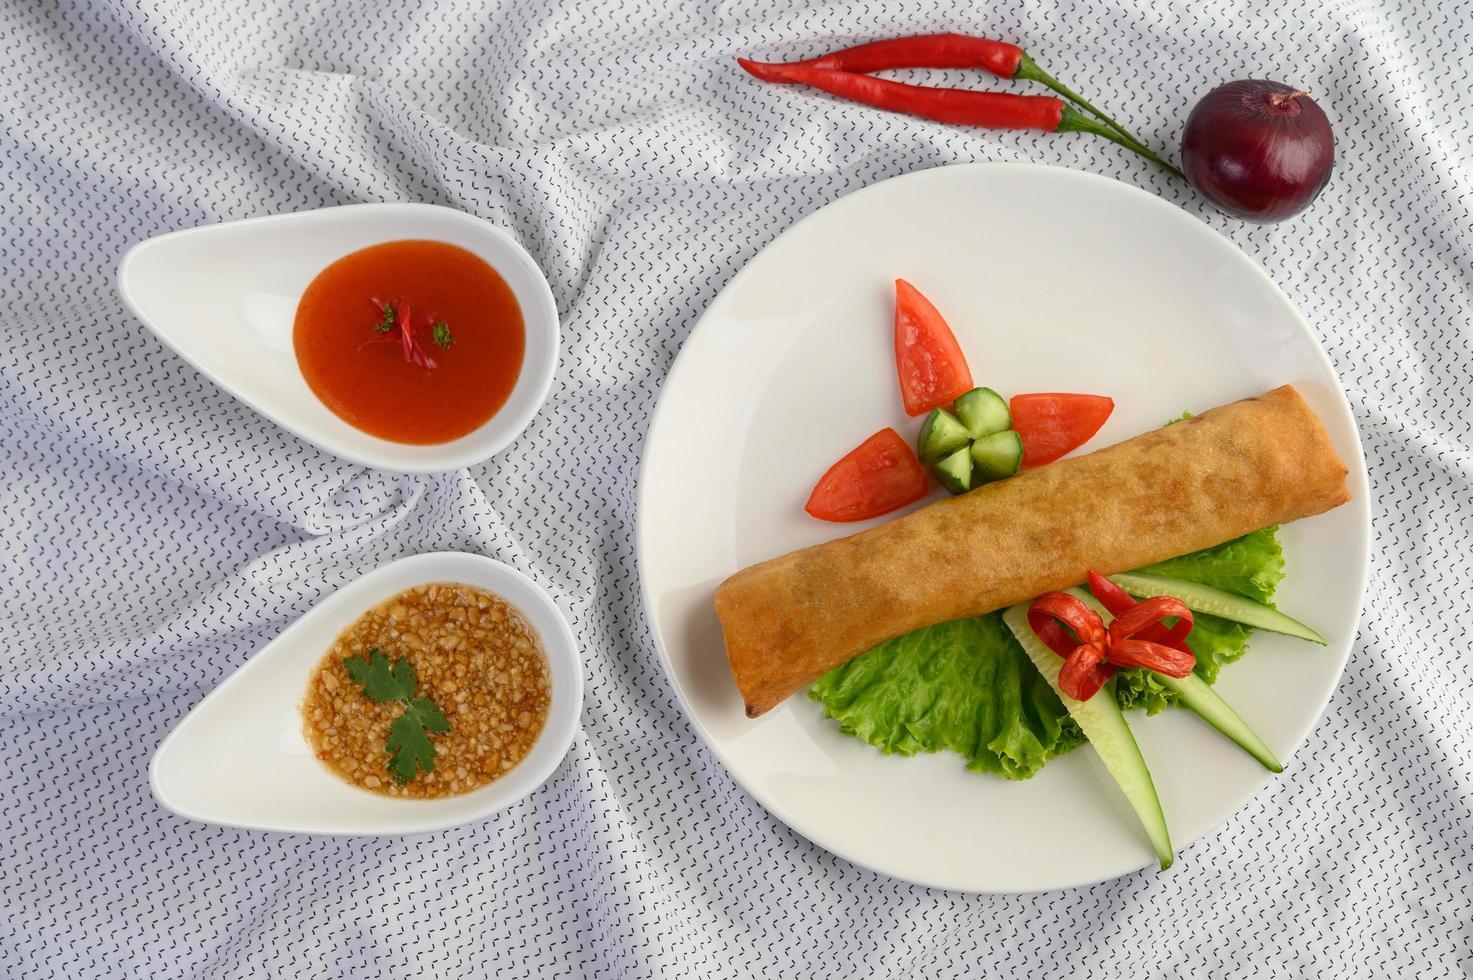 rollitos de huevo tailandés frito foto